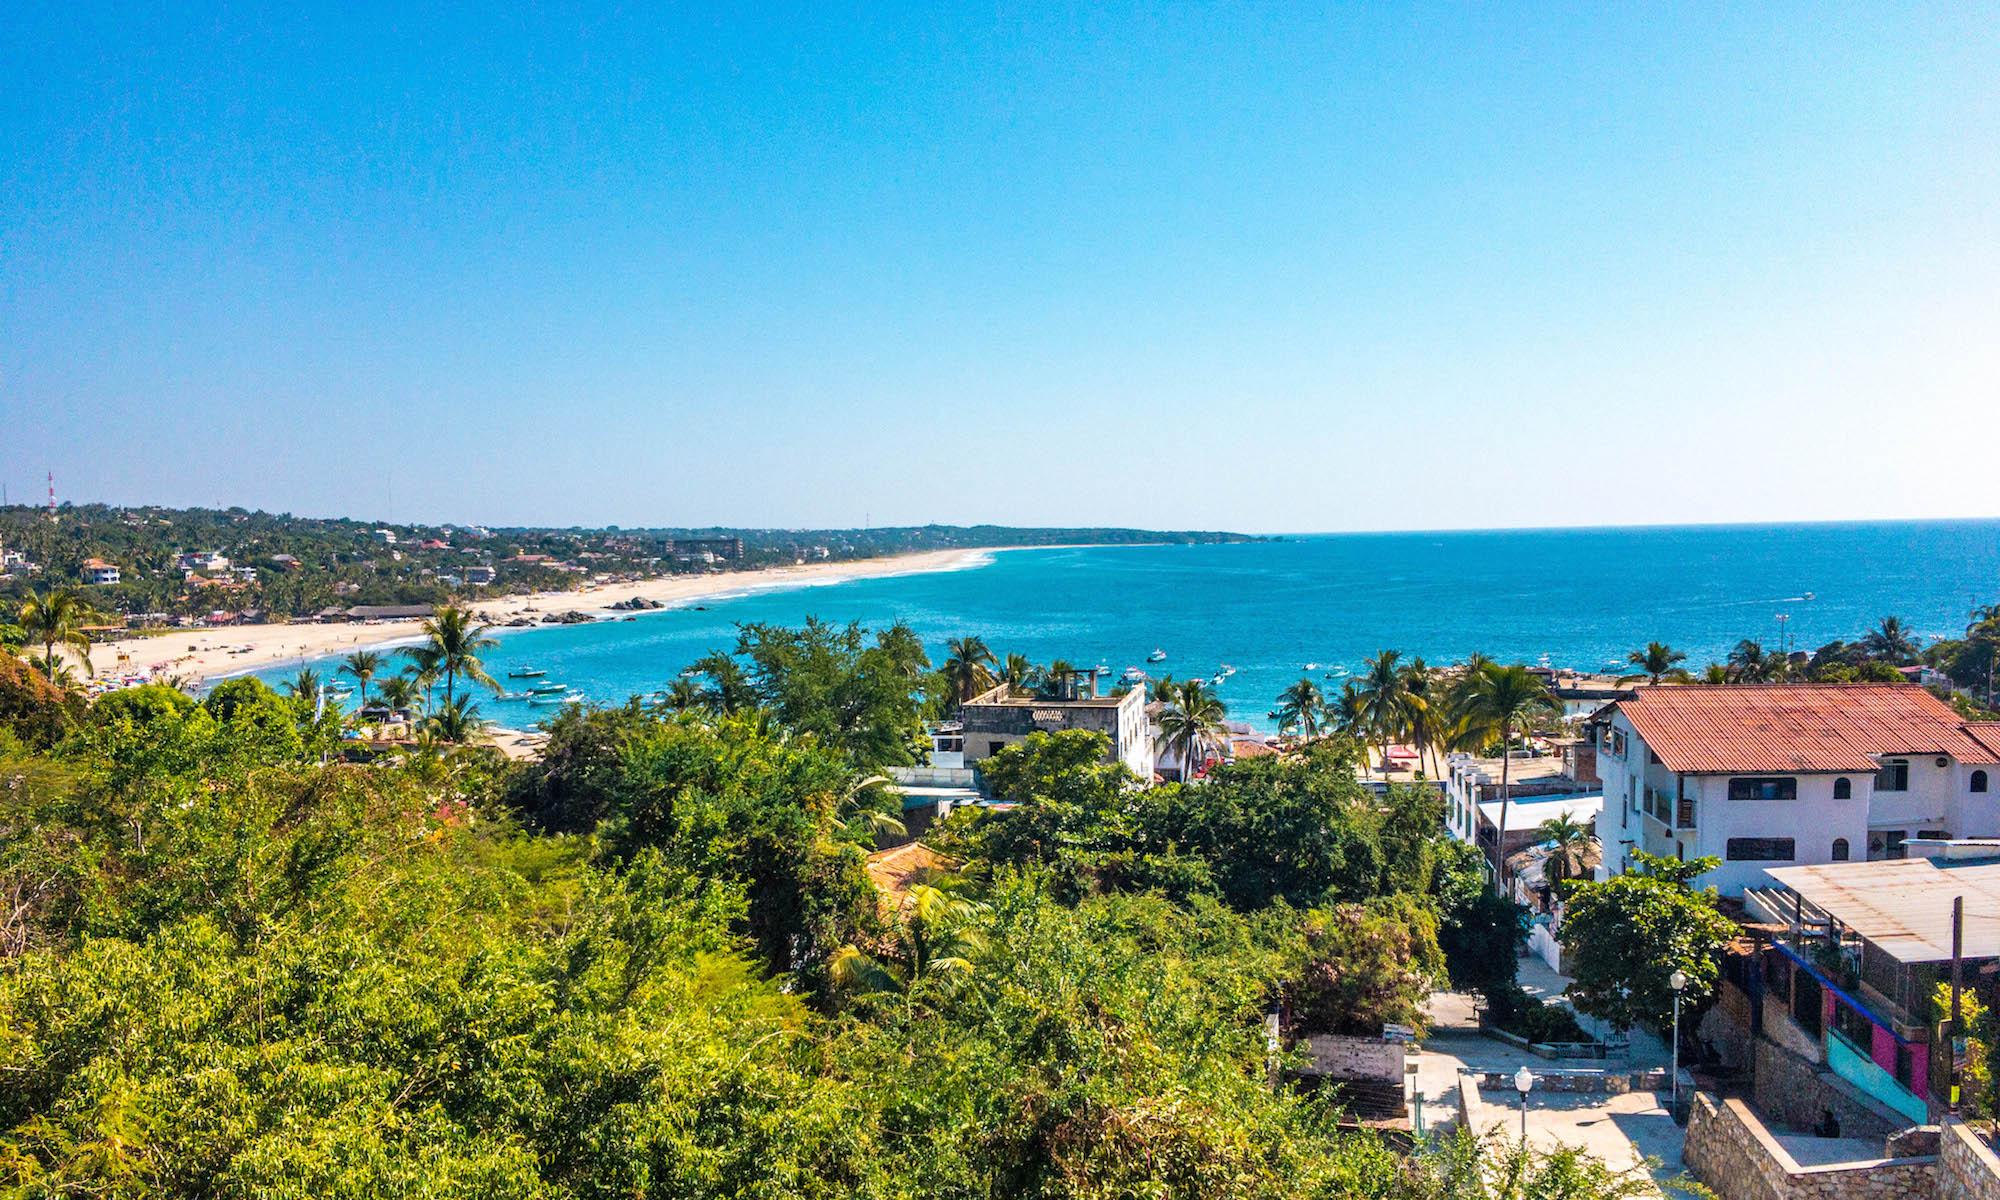 Puerto Escondido Overlook